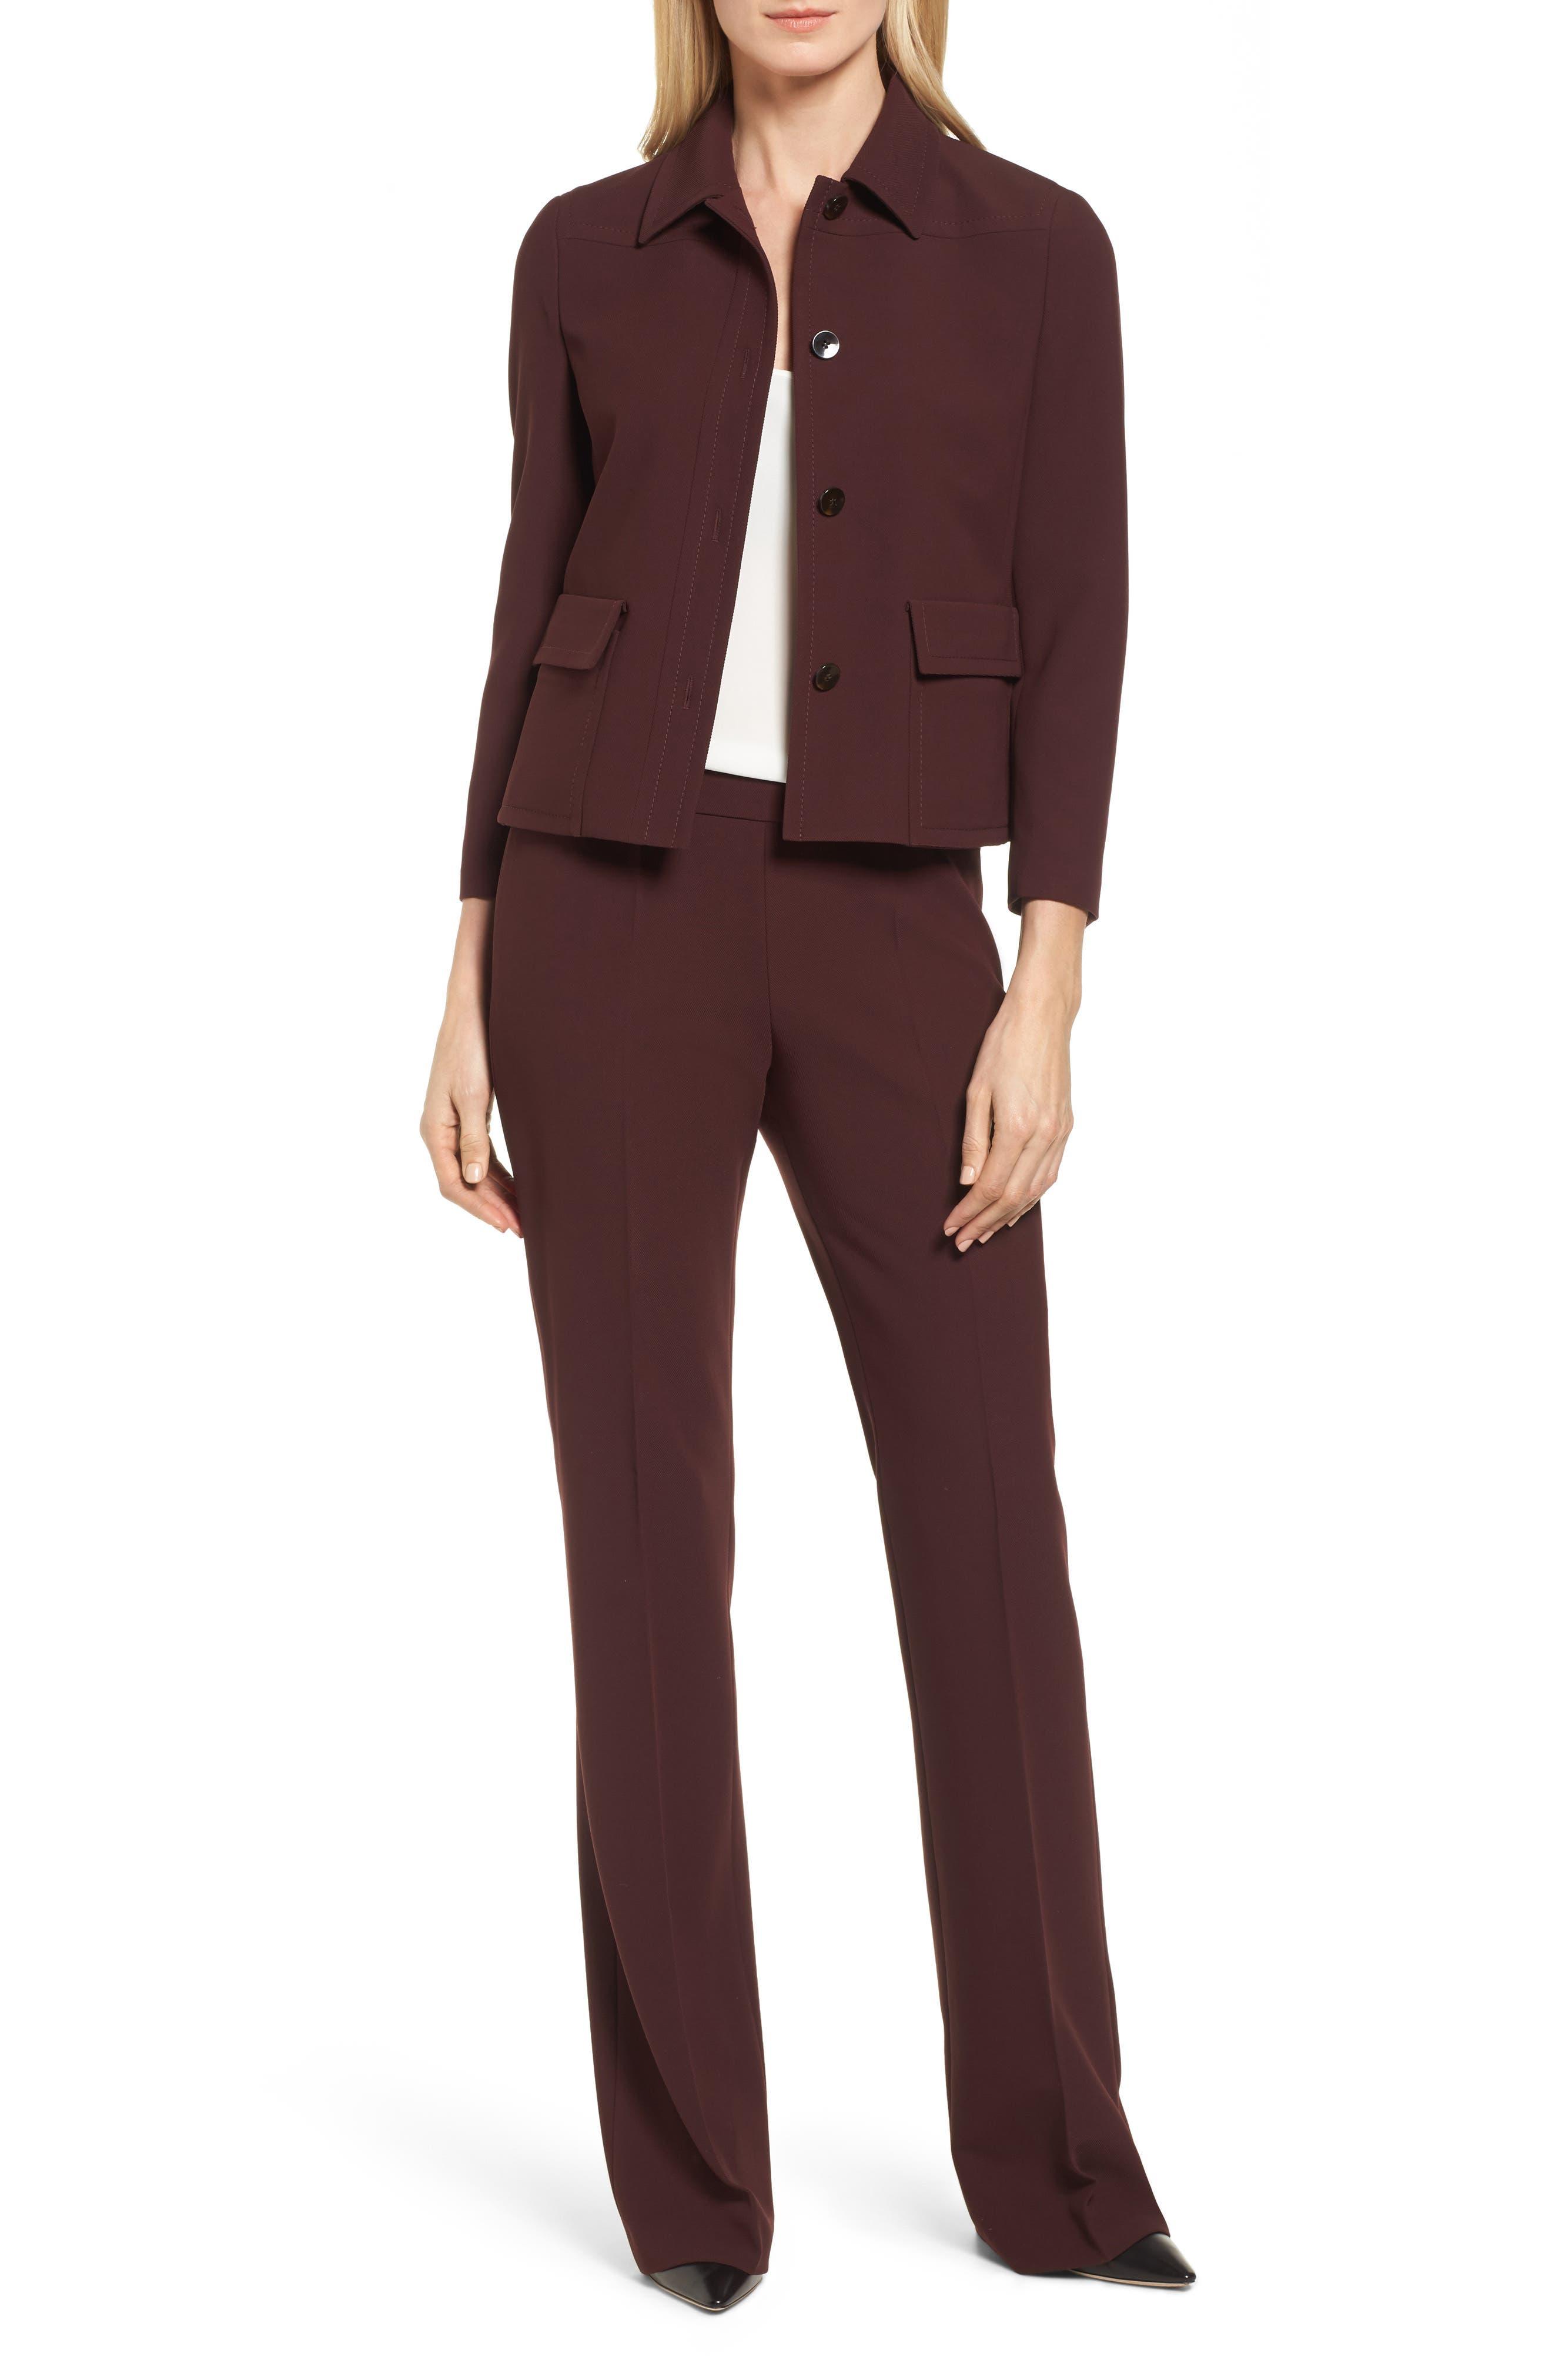 Juriona Suit Jacket,                             Alternate thumbnail 7, color,